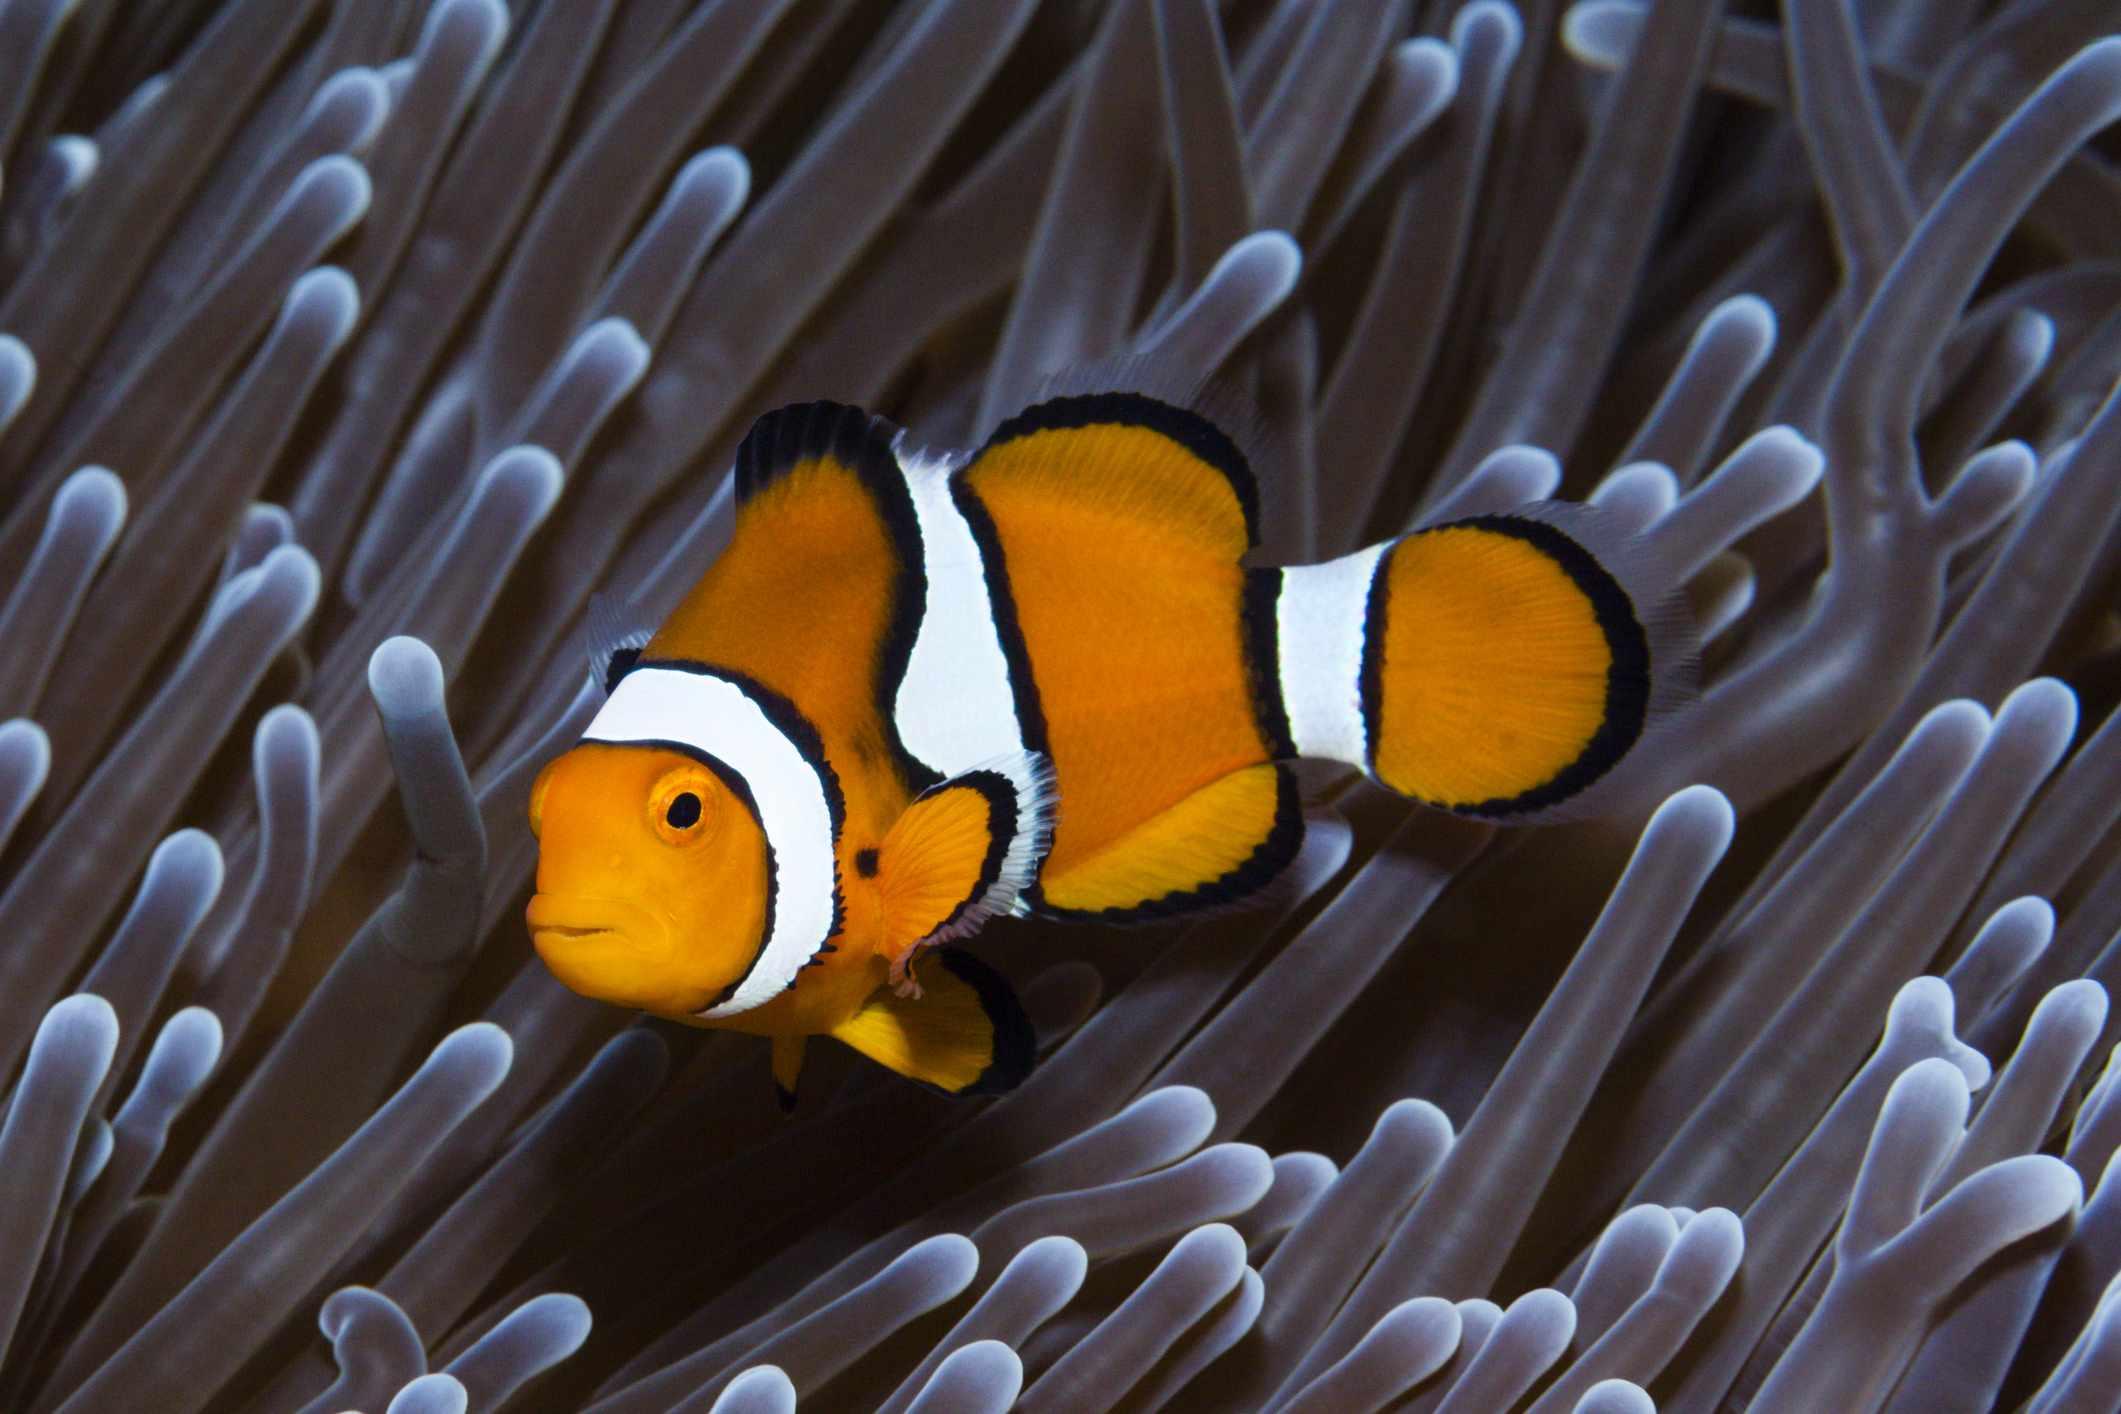 Ocellaris pez payaso en una anémona